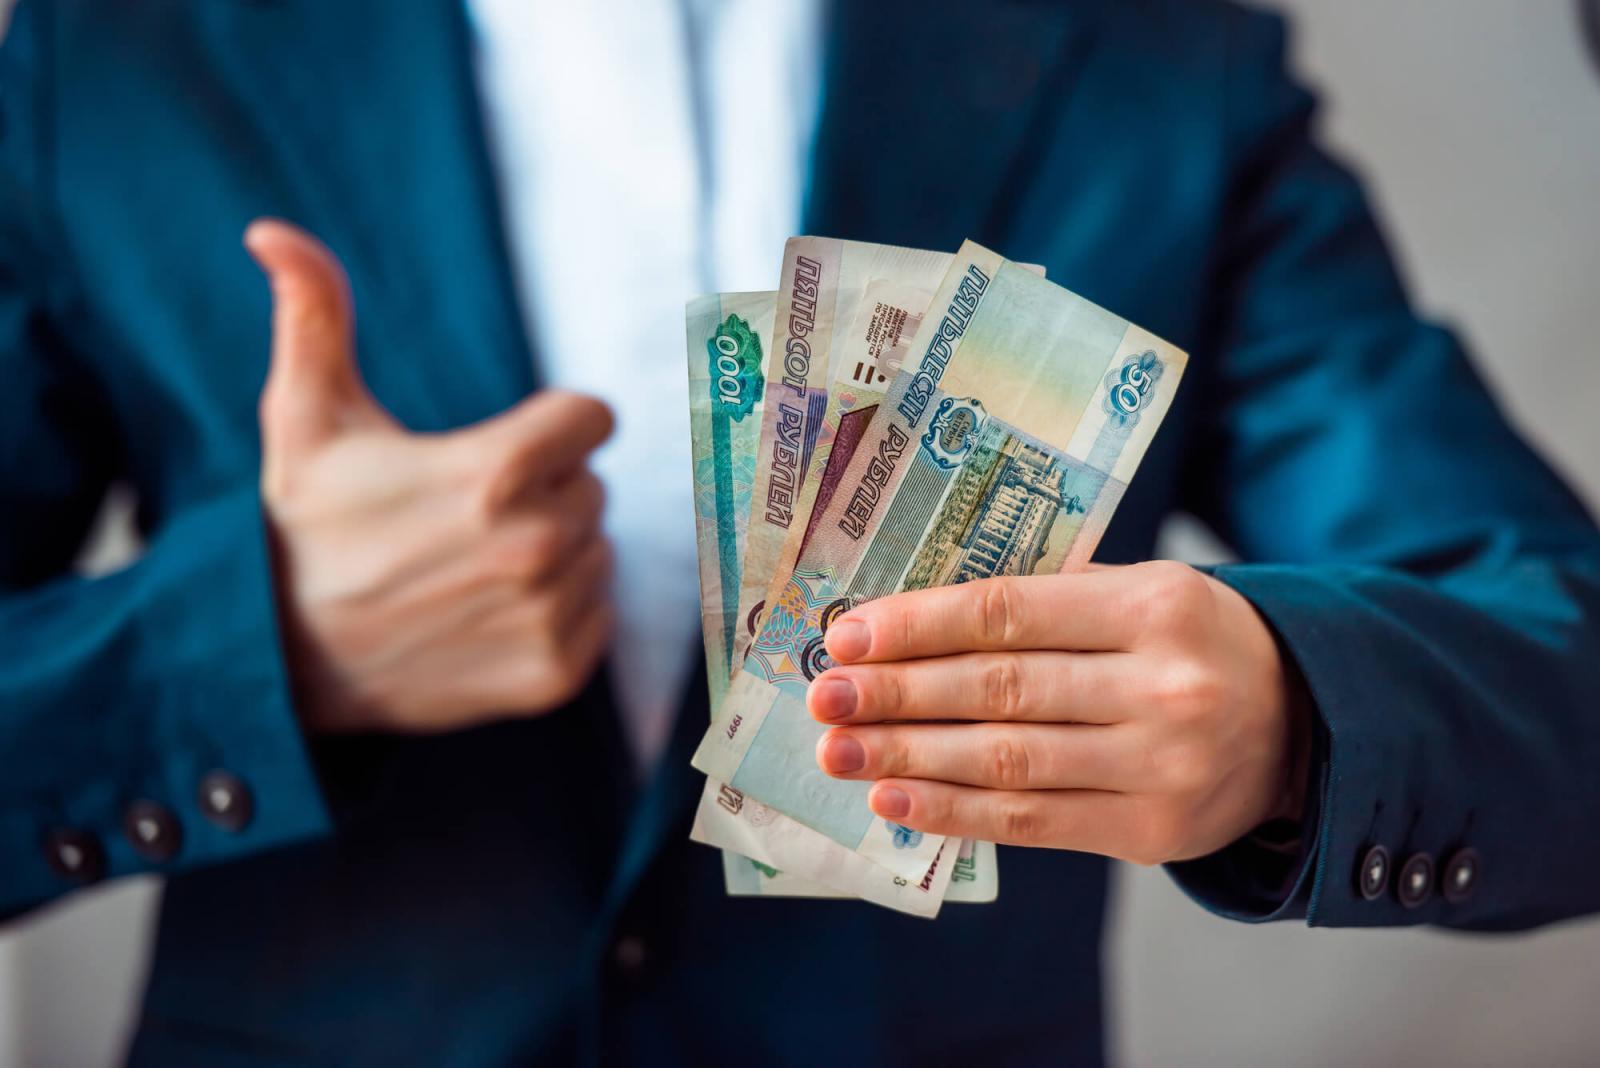 Каждый пятый россиянин просрочил долг по кредитам, налогам и ЖКХ